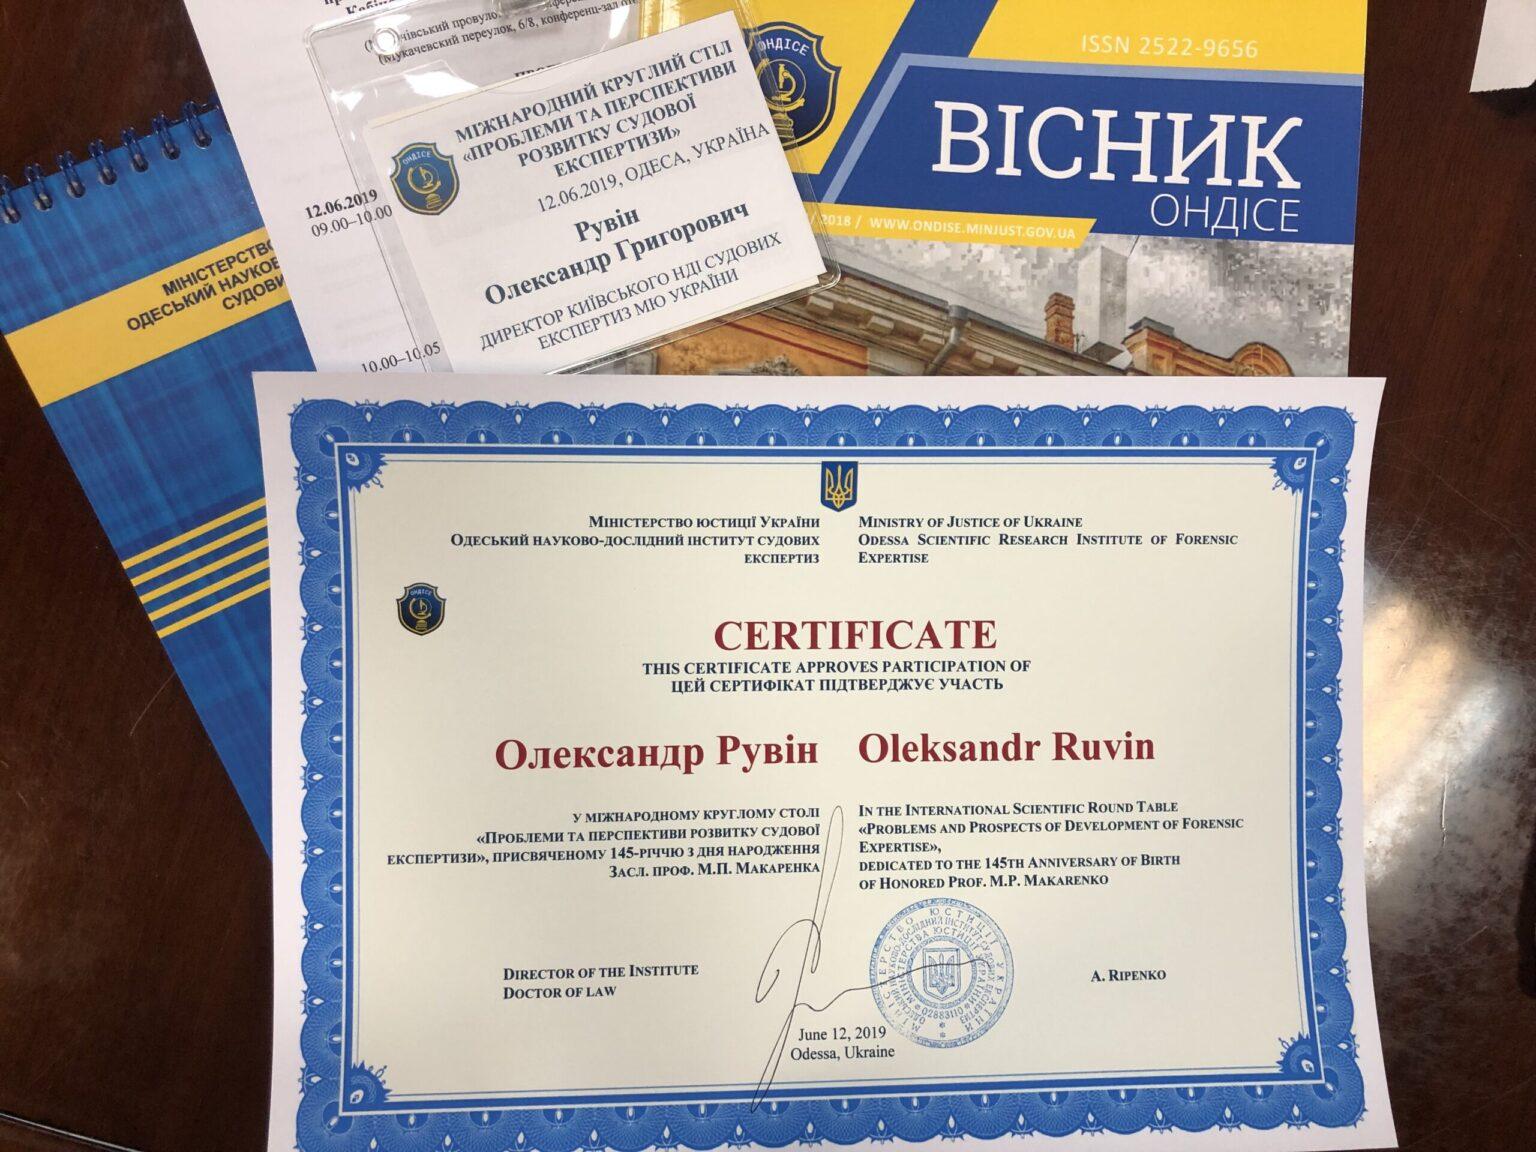 Сертифікат учасника, який було видано Олександру Рувіну, директору КНДІСЕ